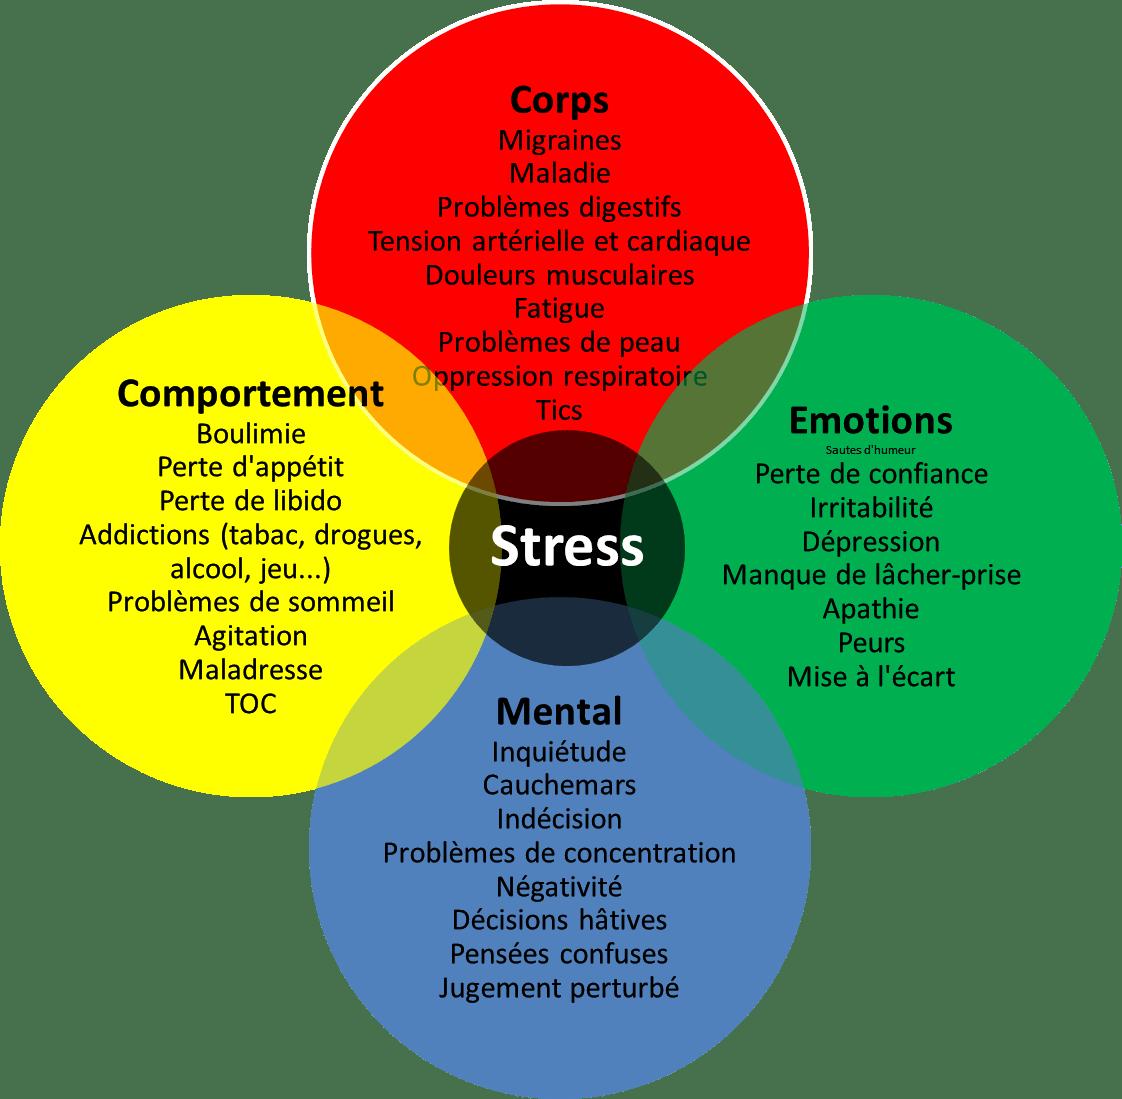 anxiété perte de poids fatigue